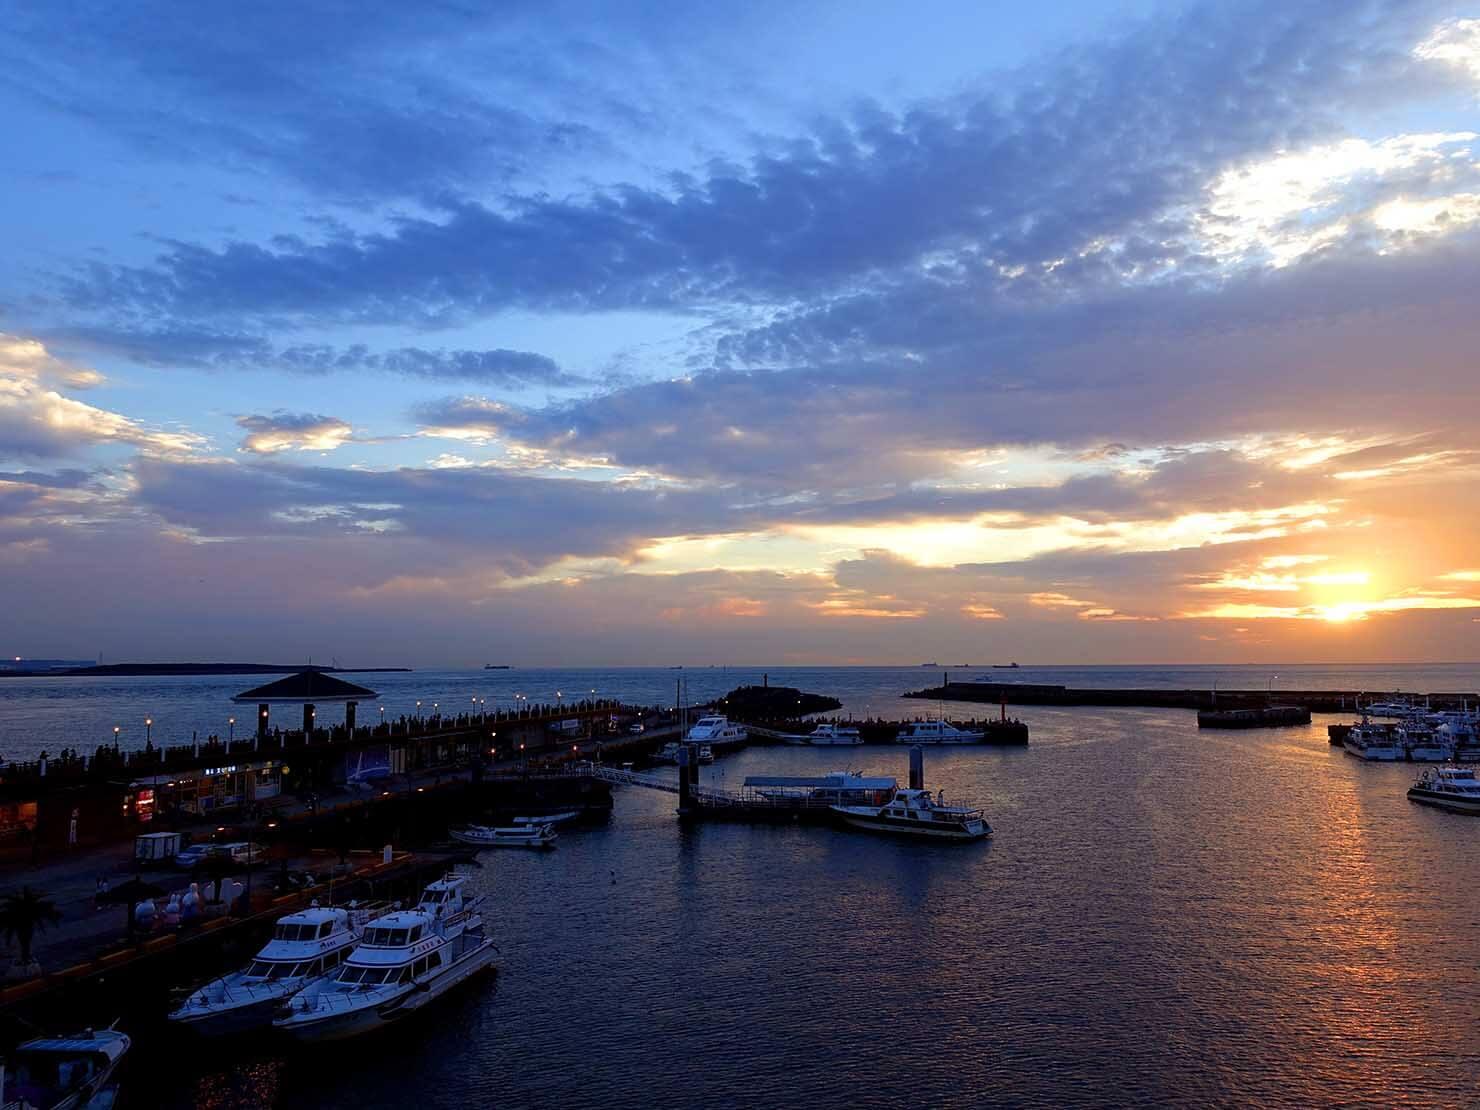 台北・淡水のおすすスポット「漁人碼頭」から眺める夕暮れの風景